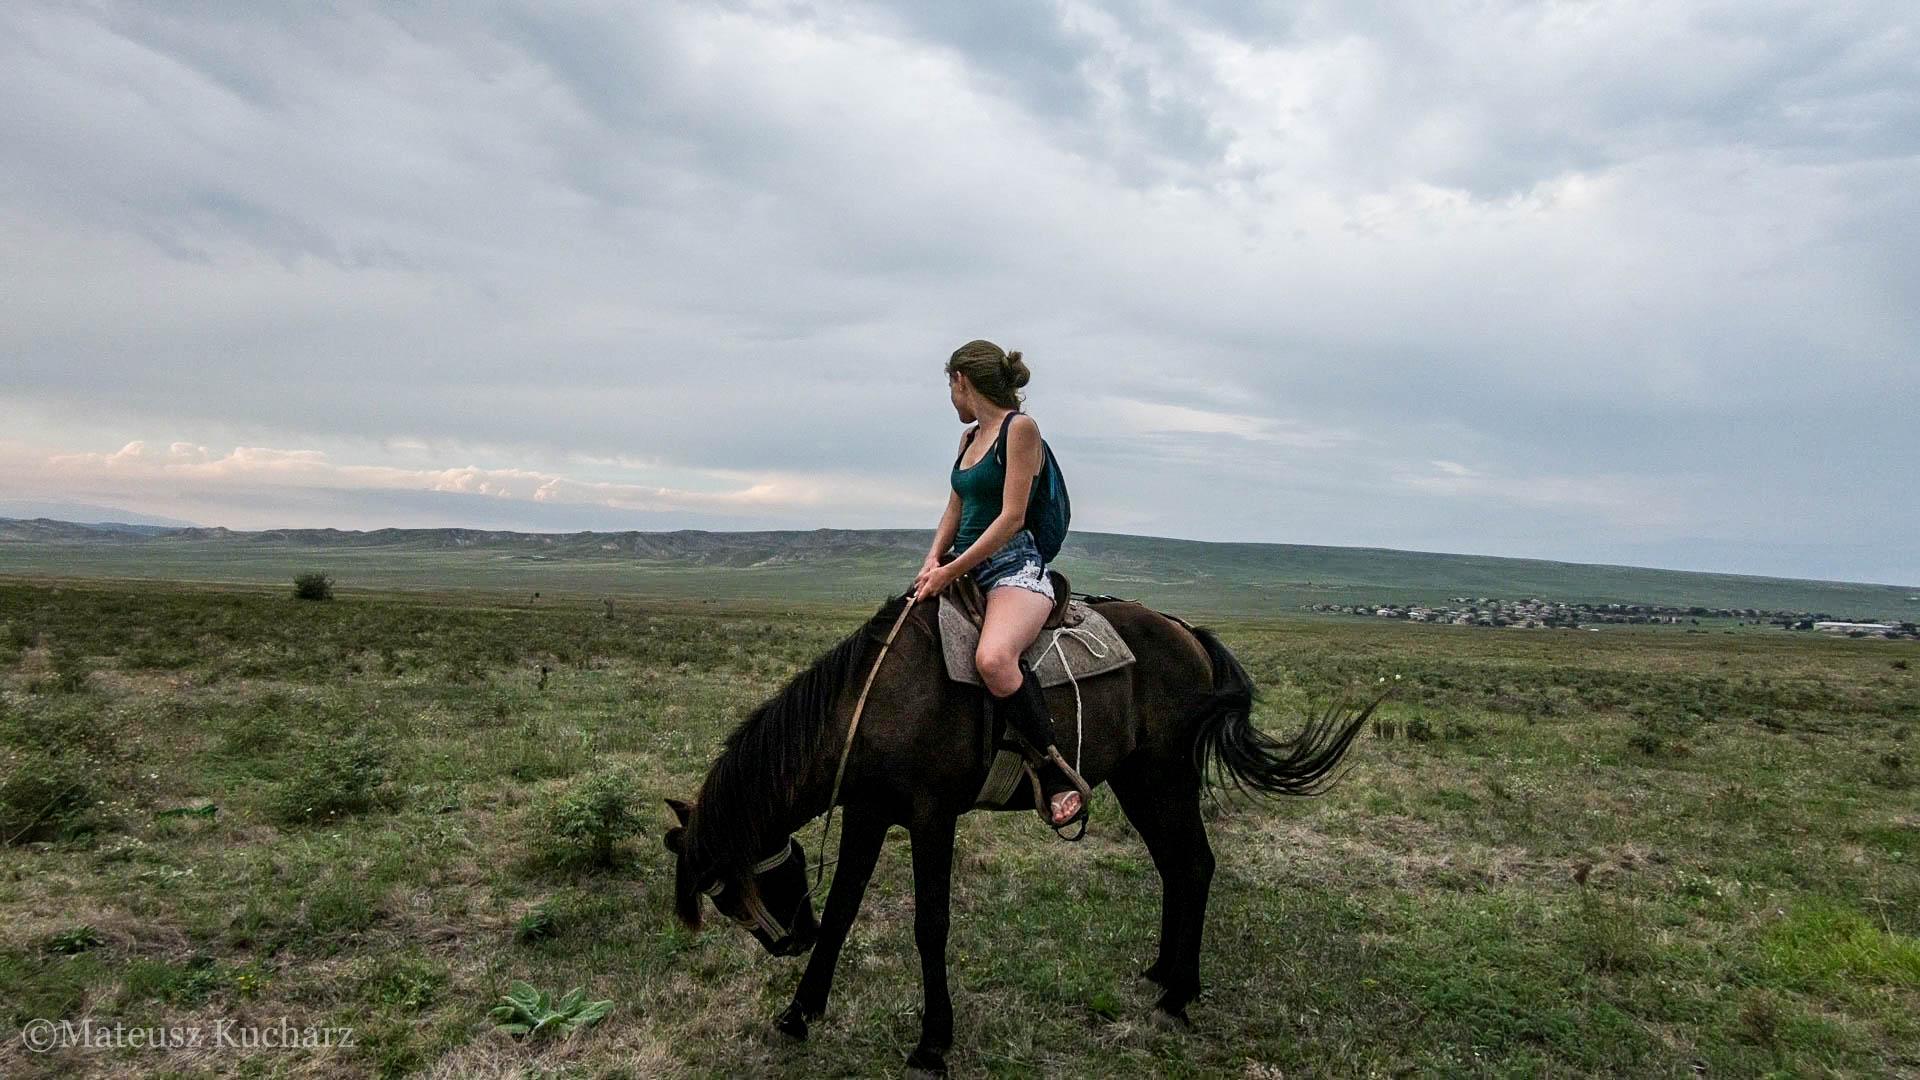 Zrobieni w konia…przez pół-dzikiego konia – przebiegłe ogiery z Udabno